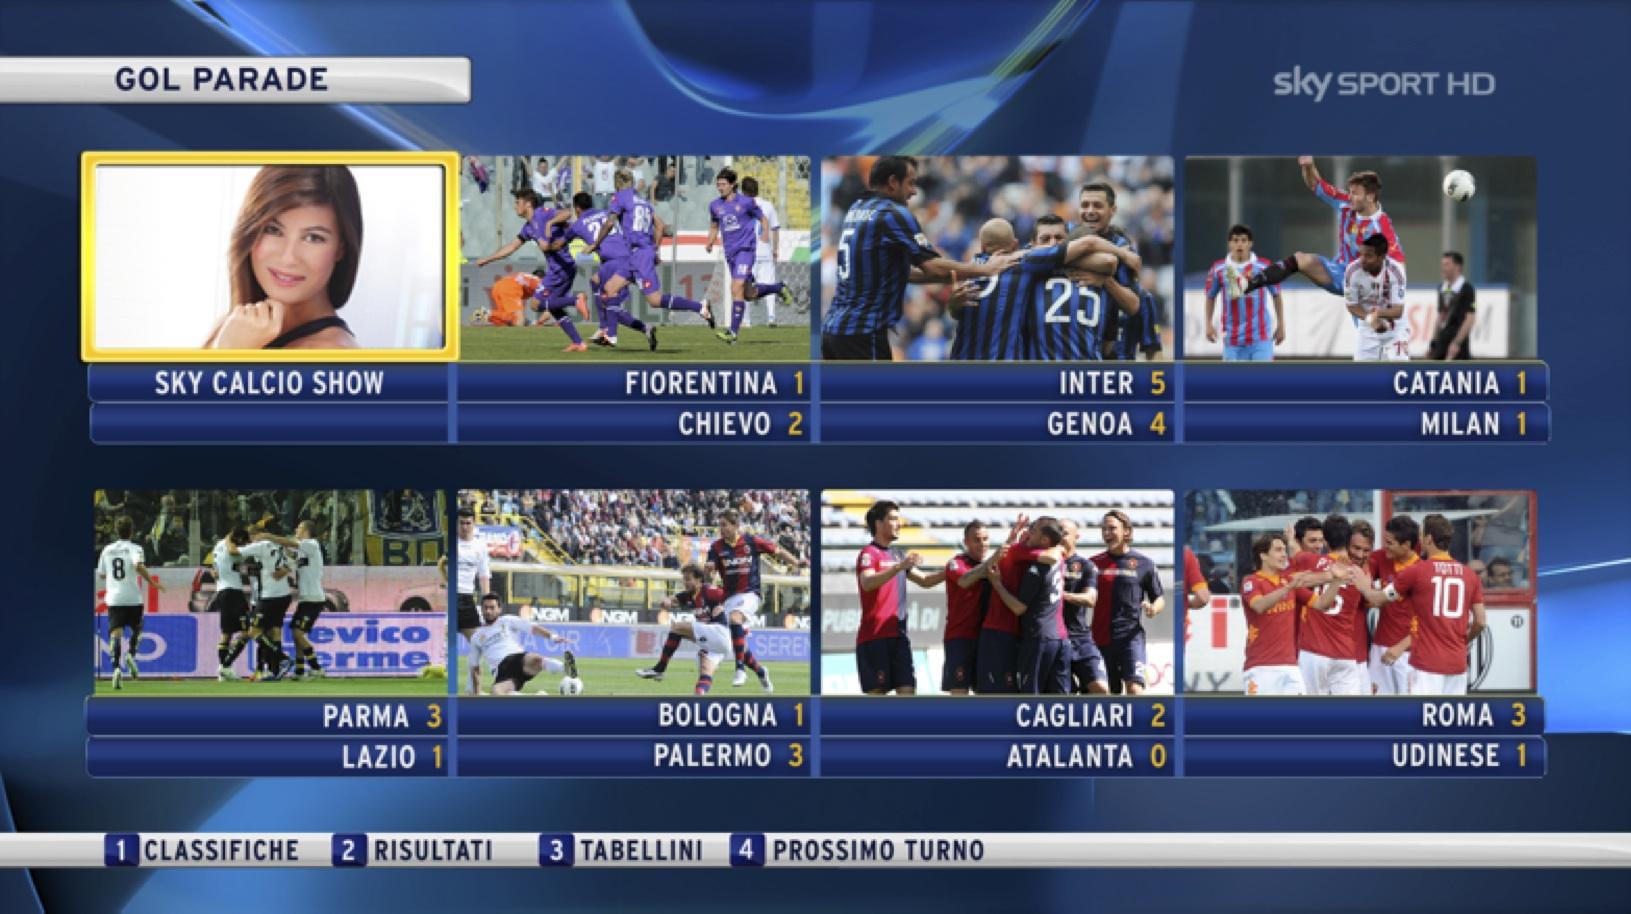 Sky Sport presenta il palinsesto 2012-2013: un anno di sport e 1500 match in HD